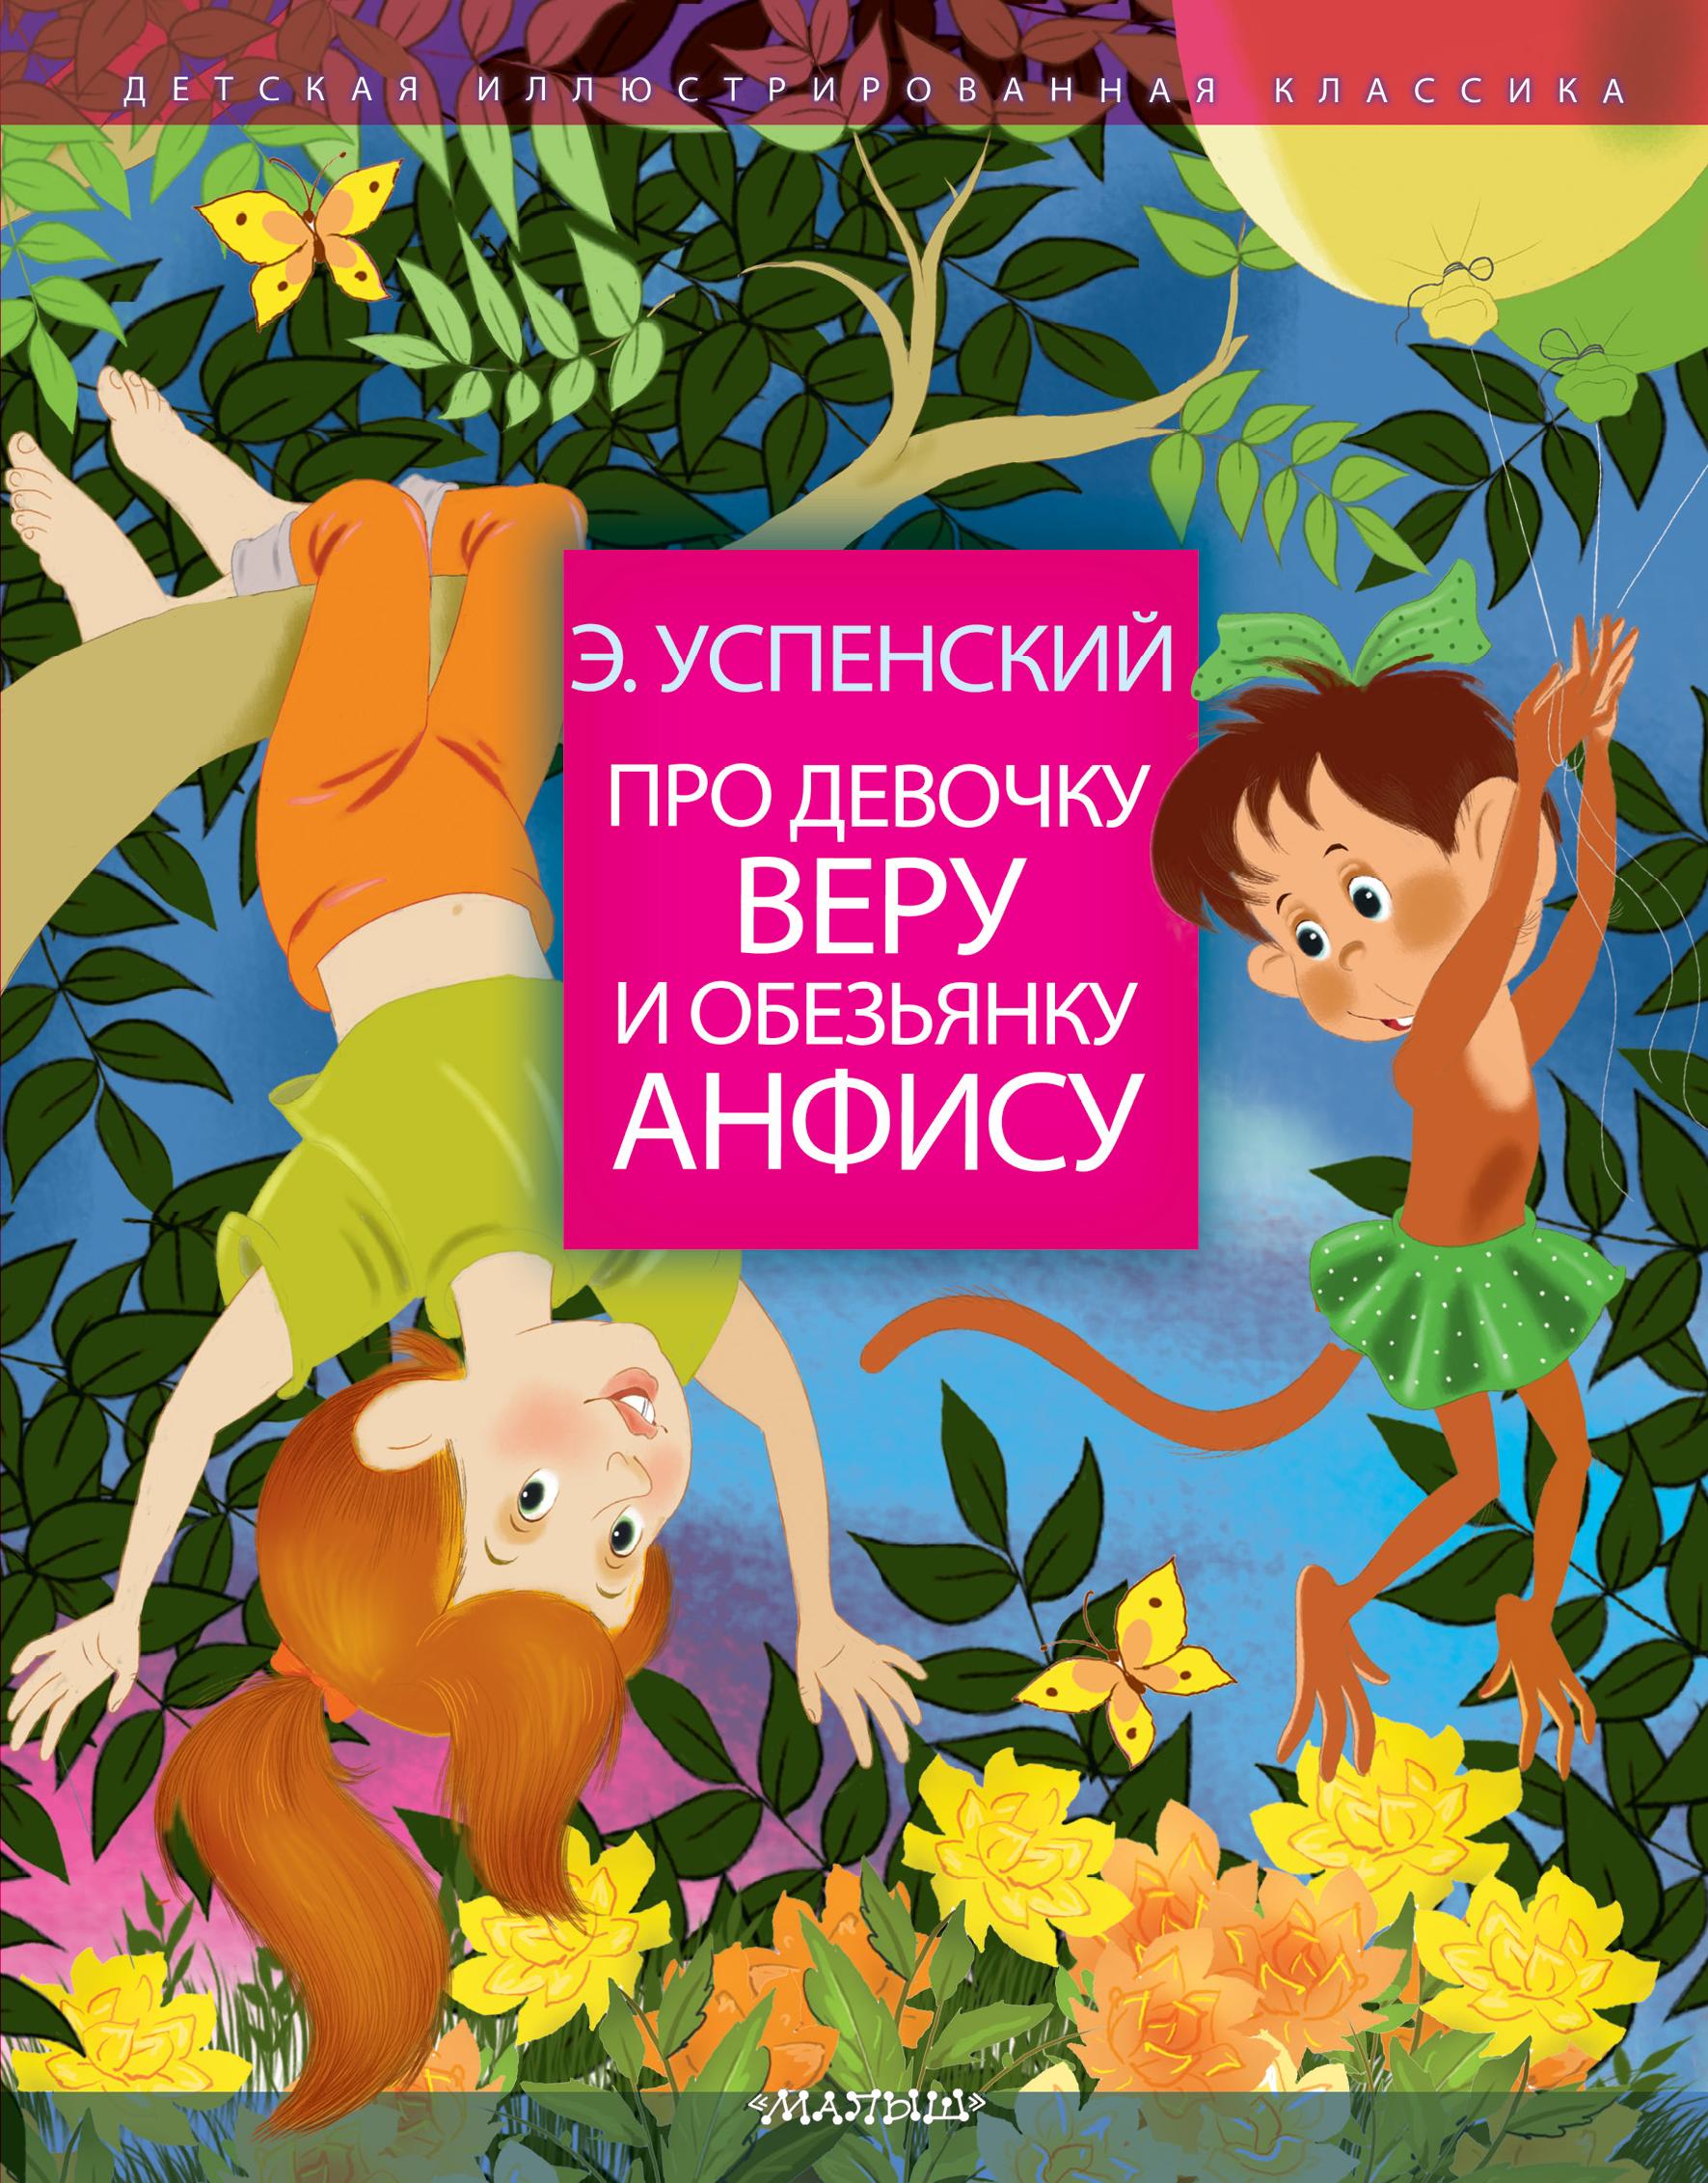 Э. Успенский Про девочку Веру и обезьянку Анфису